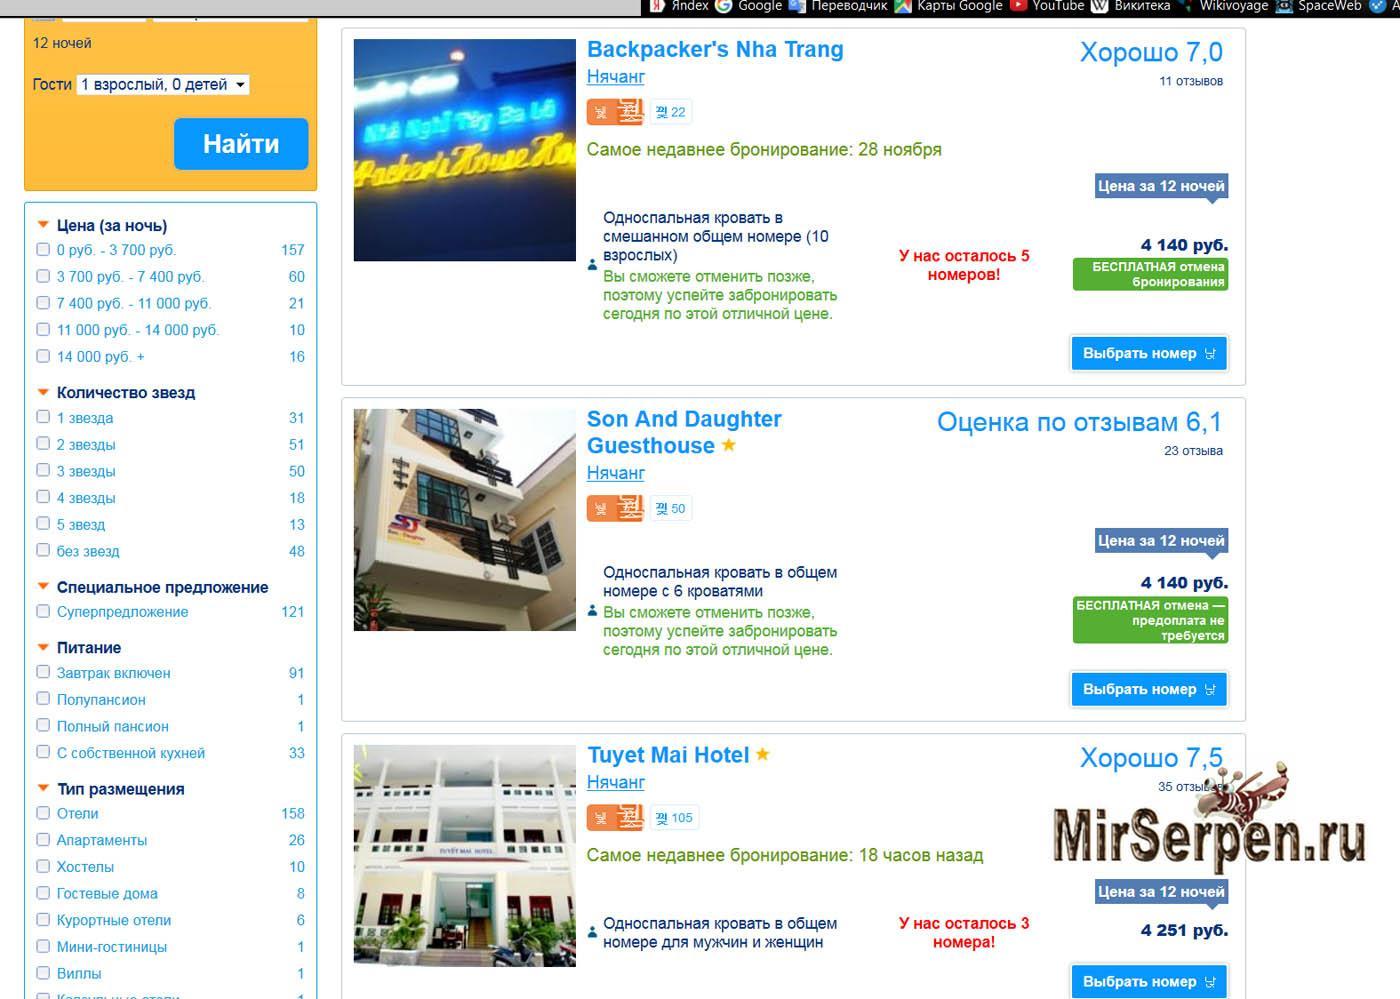 Ноябрьский анализ цен на поездку из Москвы в Нячанг, Вьетнам, на декабрь 2015 - январь 2016